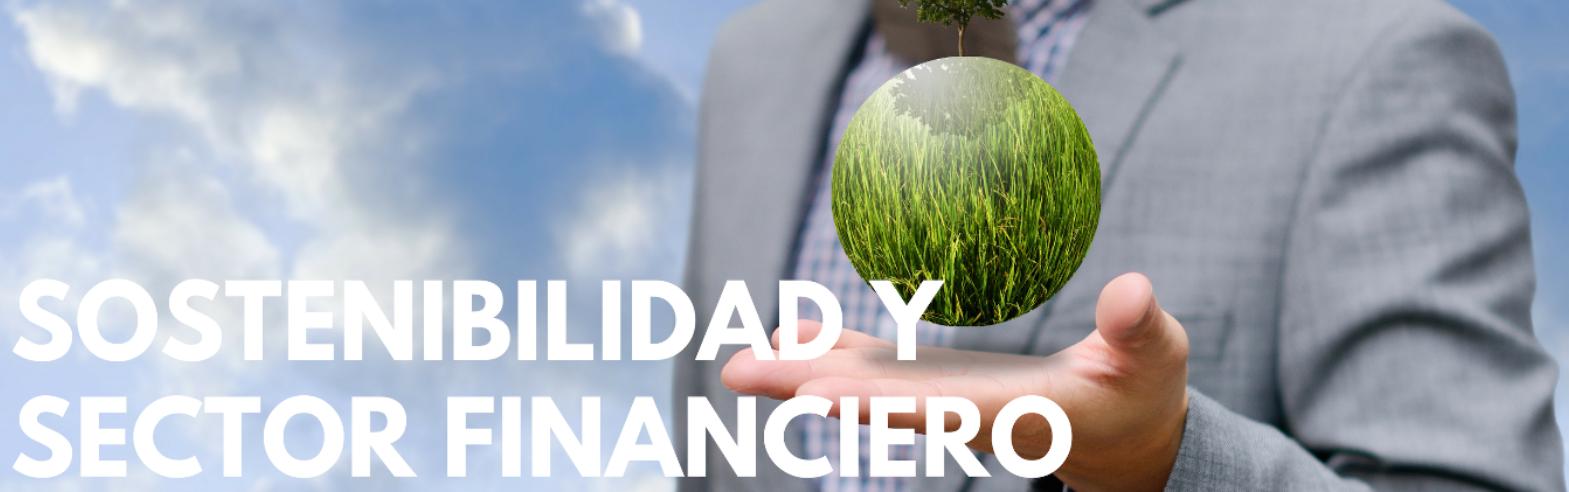 Sostenibilidad sector financiero